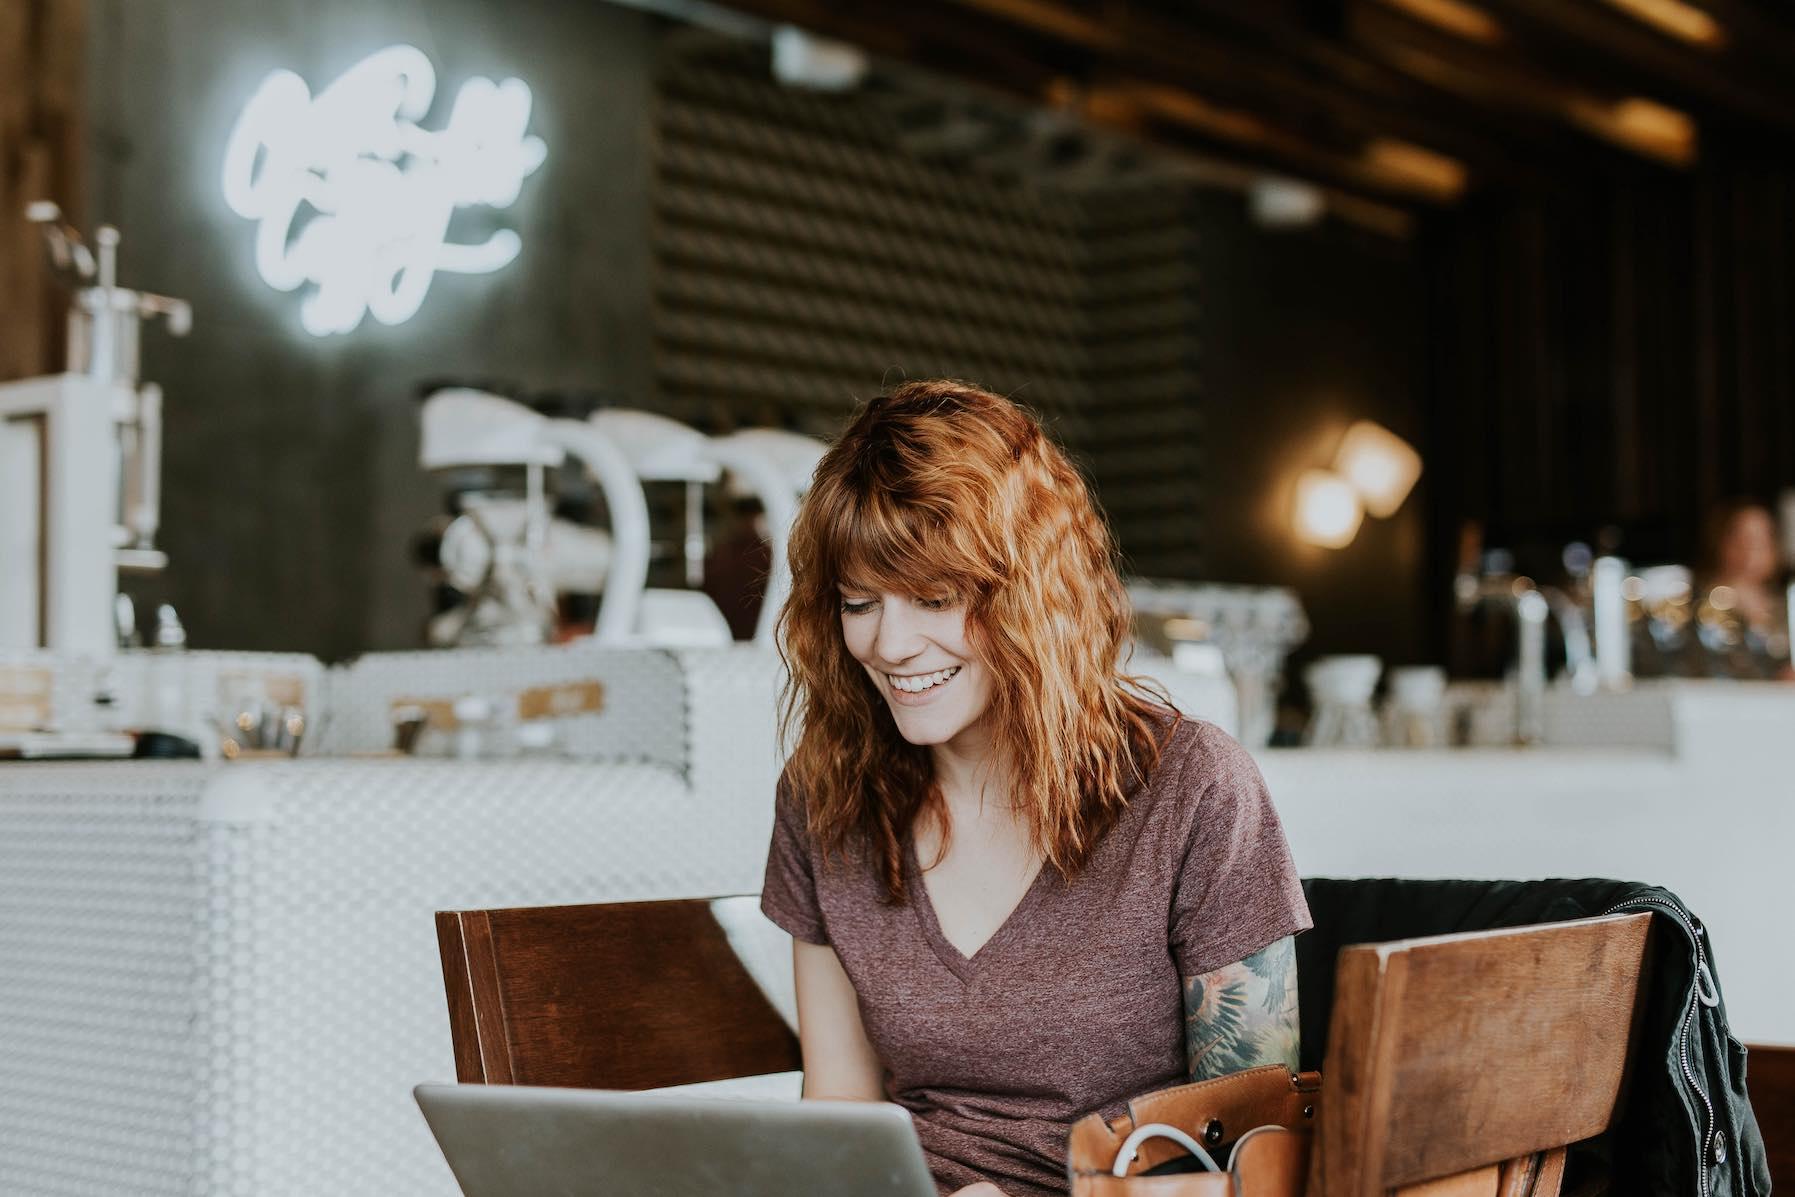 online teacher business idea